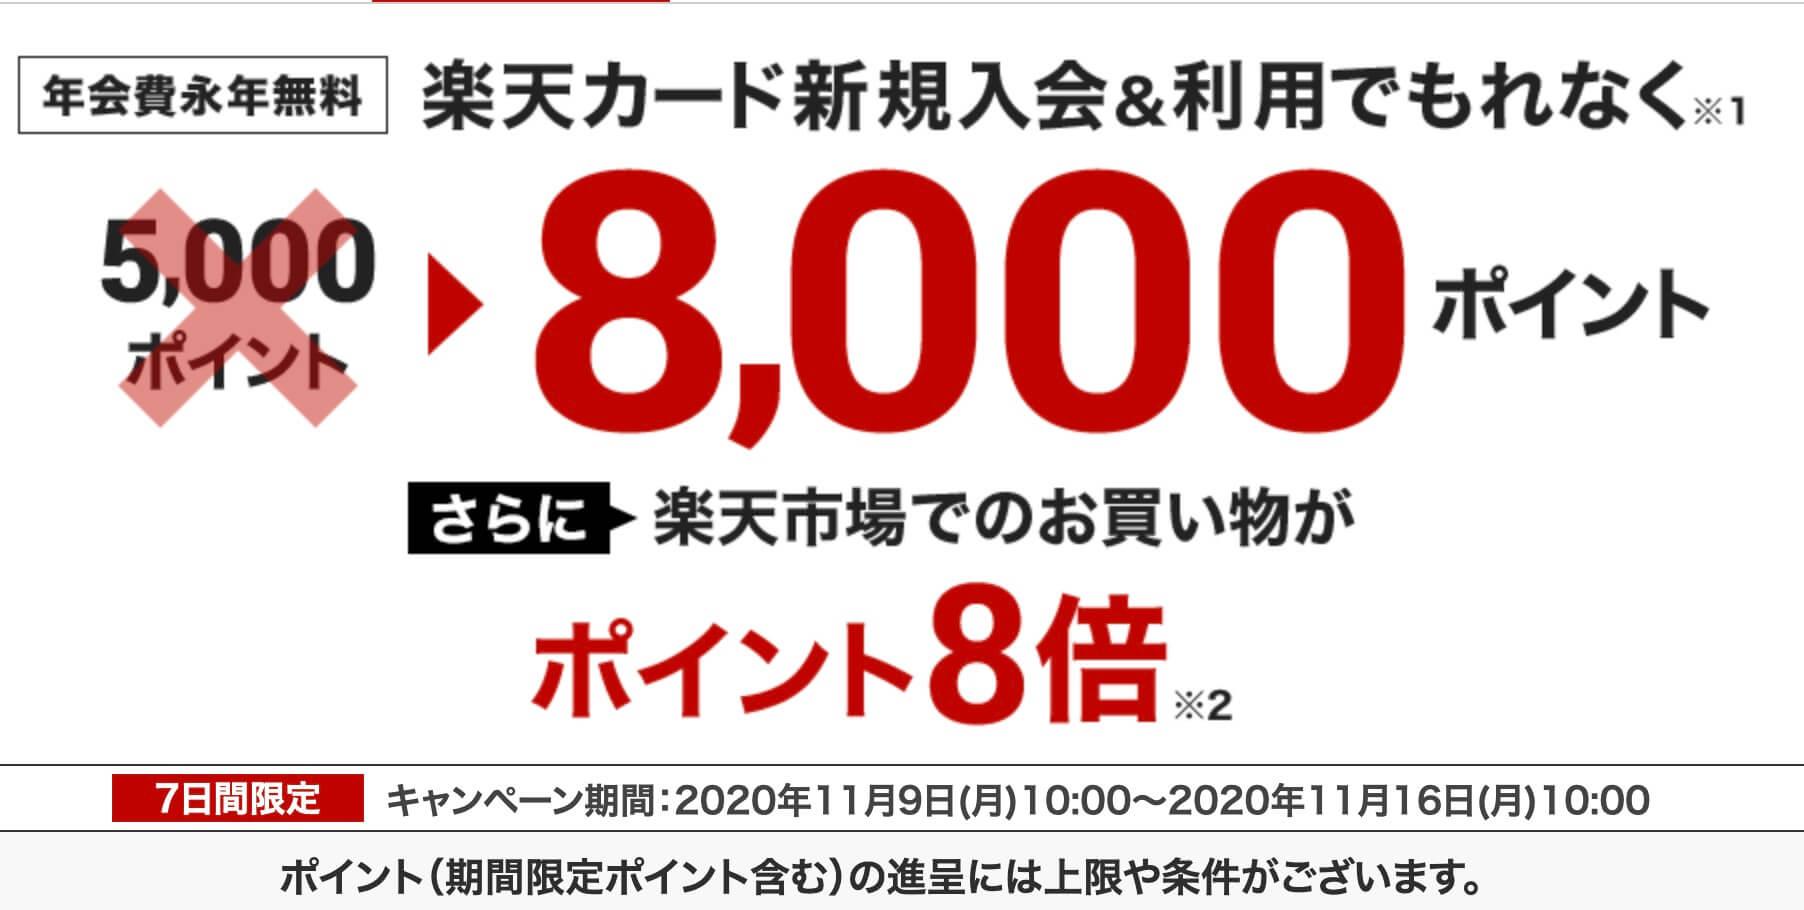 楽天カード新規入会キャンペーン8,000P